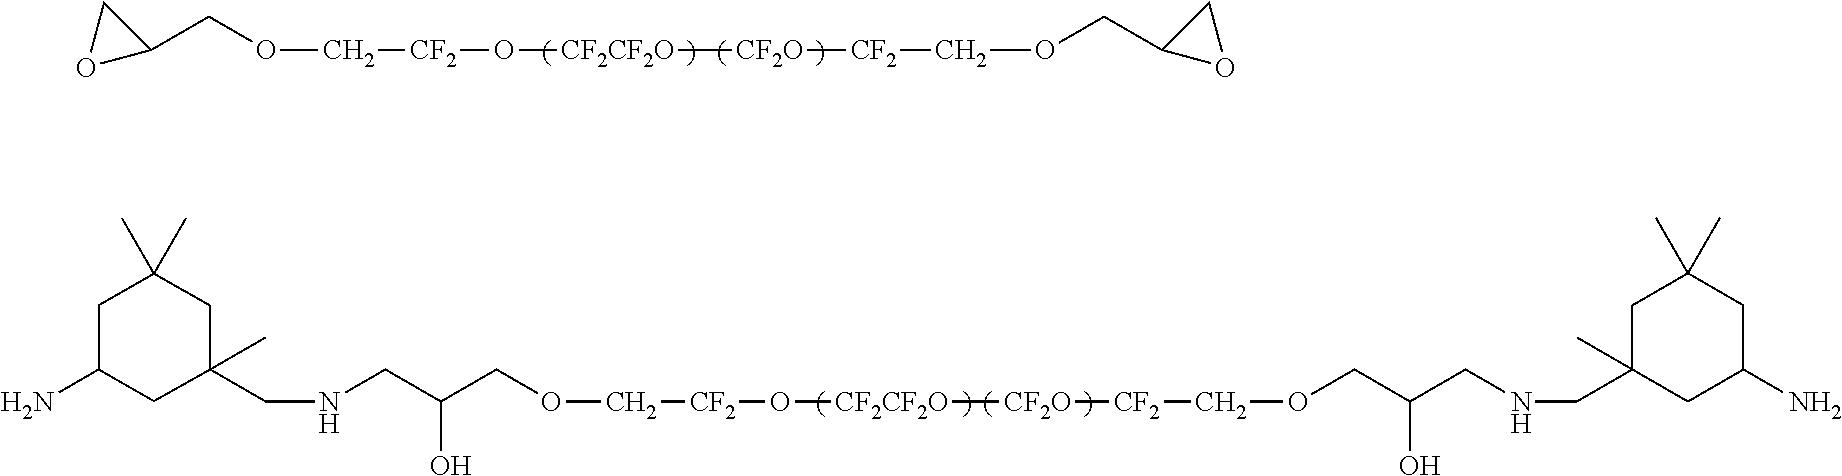 Figure US08158728-20120417-C00040